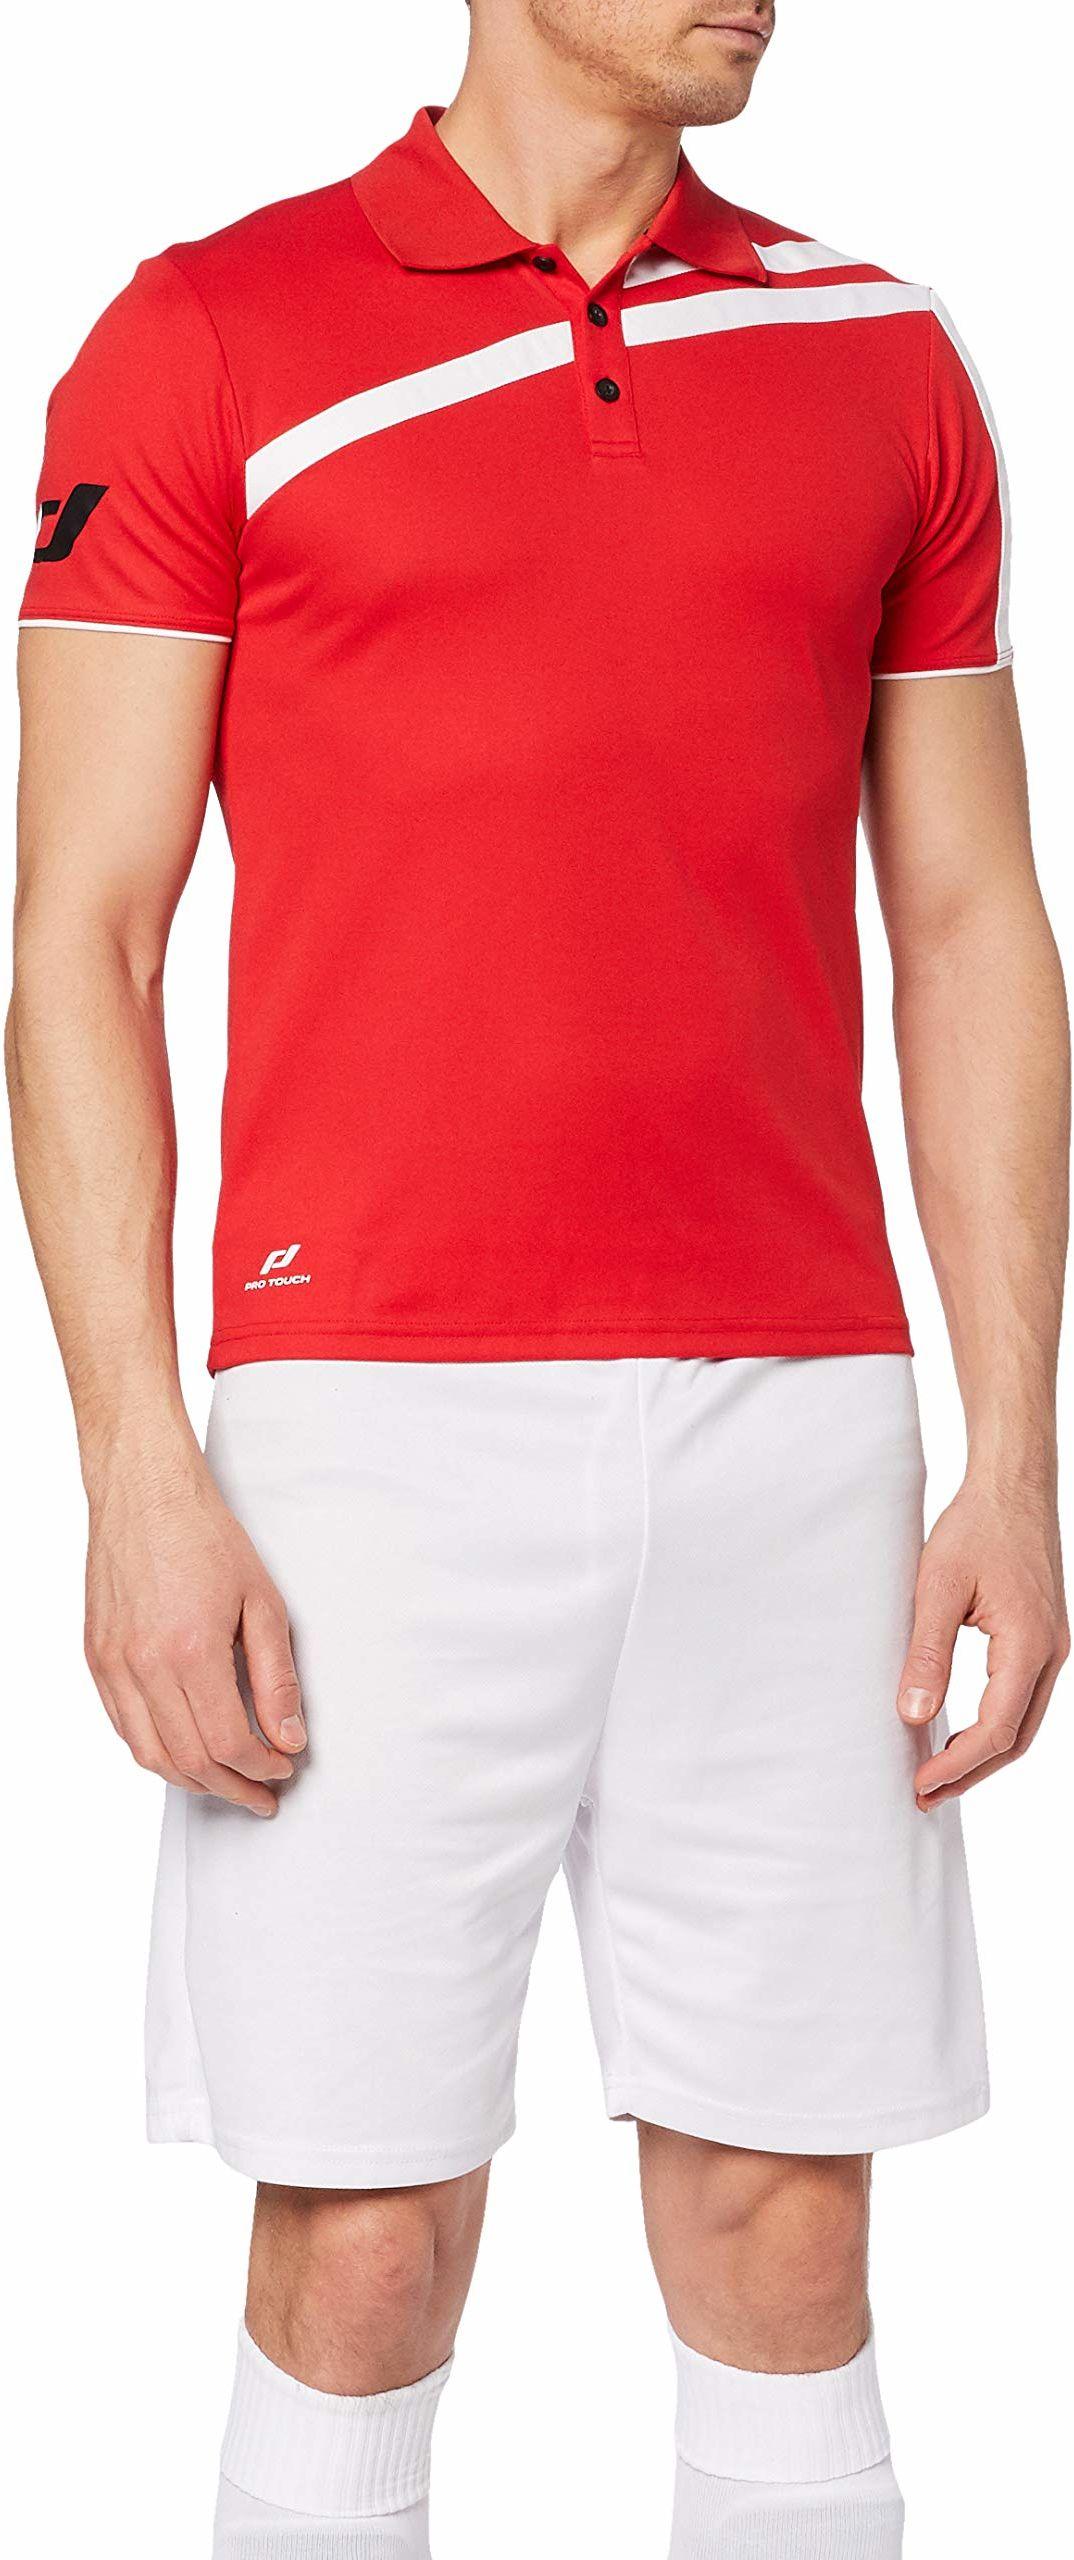 Pro Touch męska koszulka polo Kurtis czerwony czerwony X-L